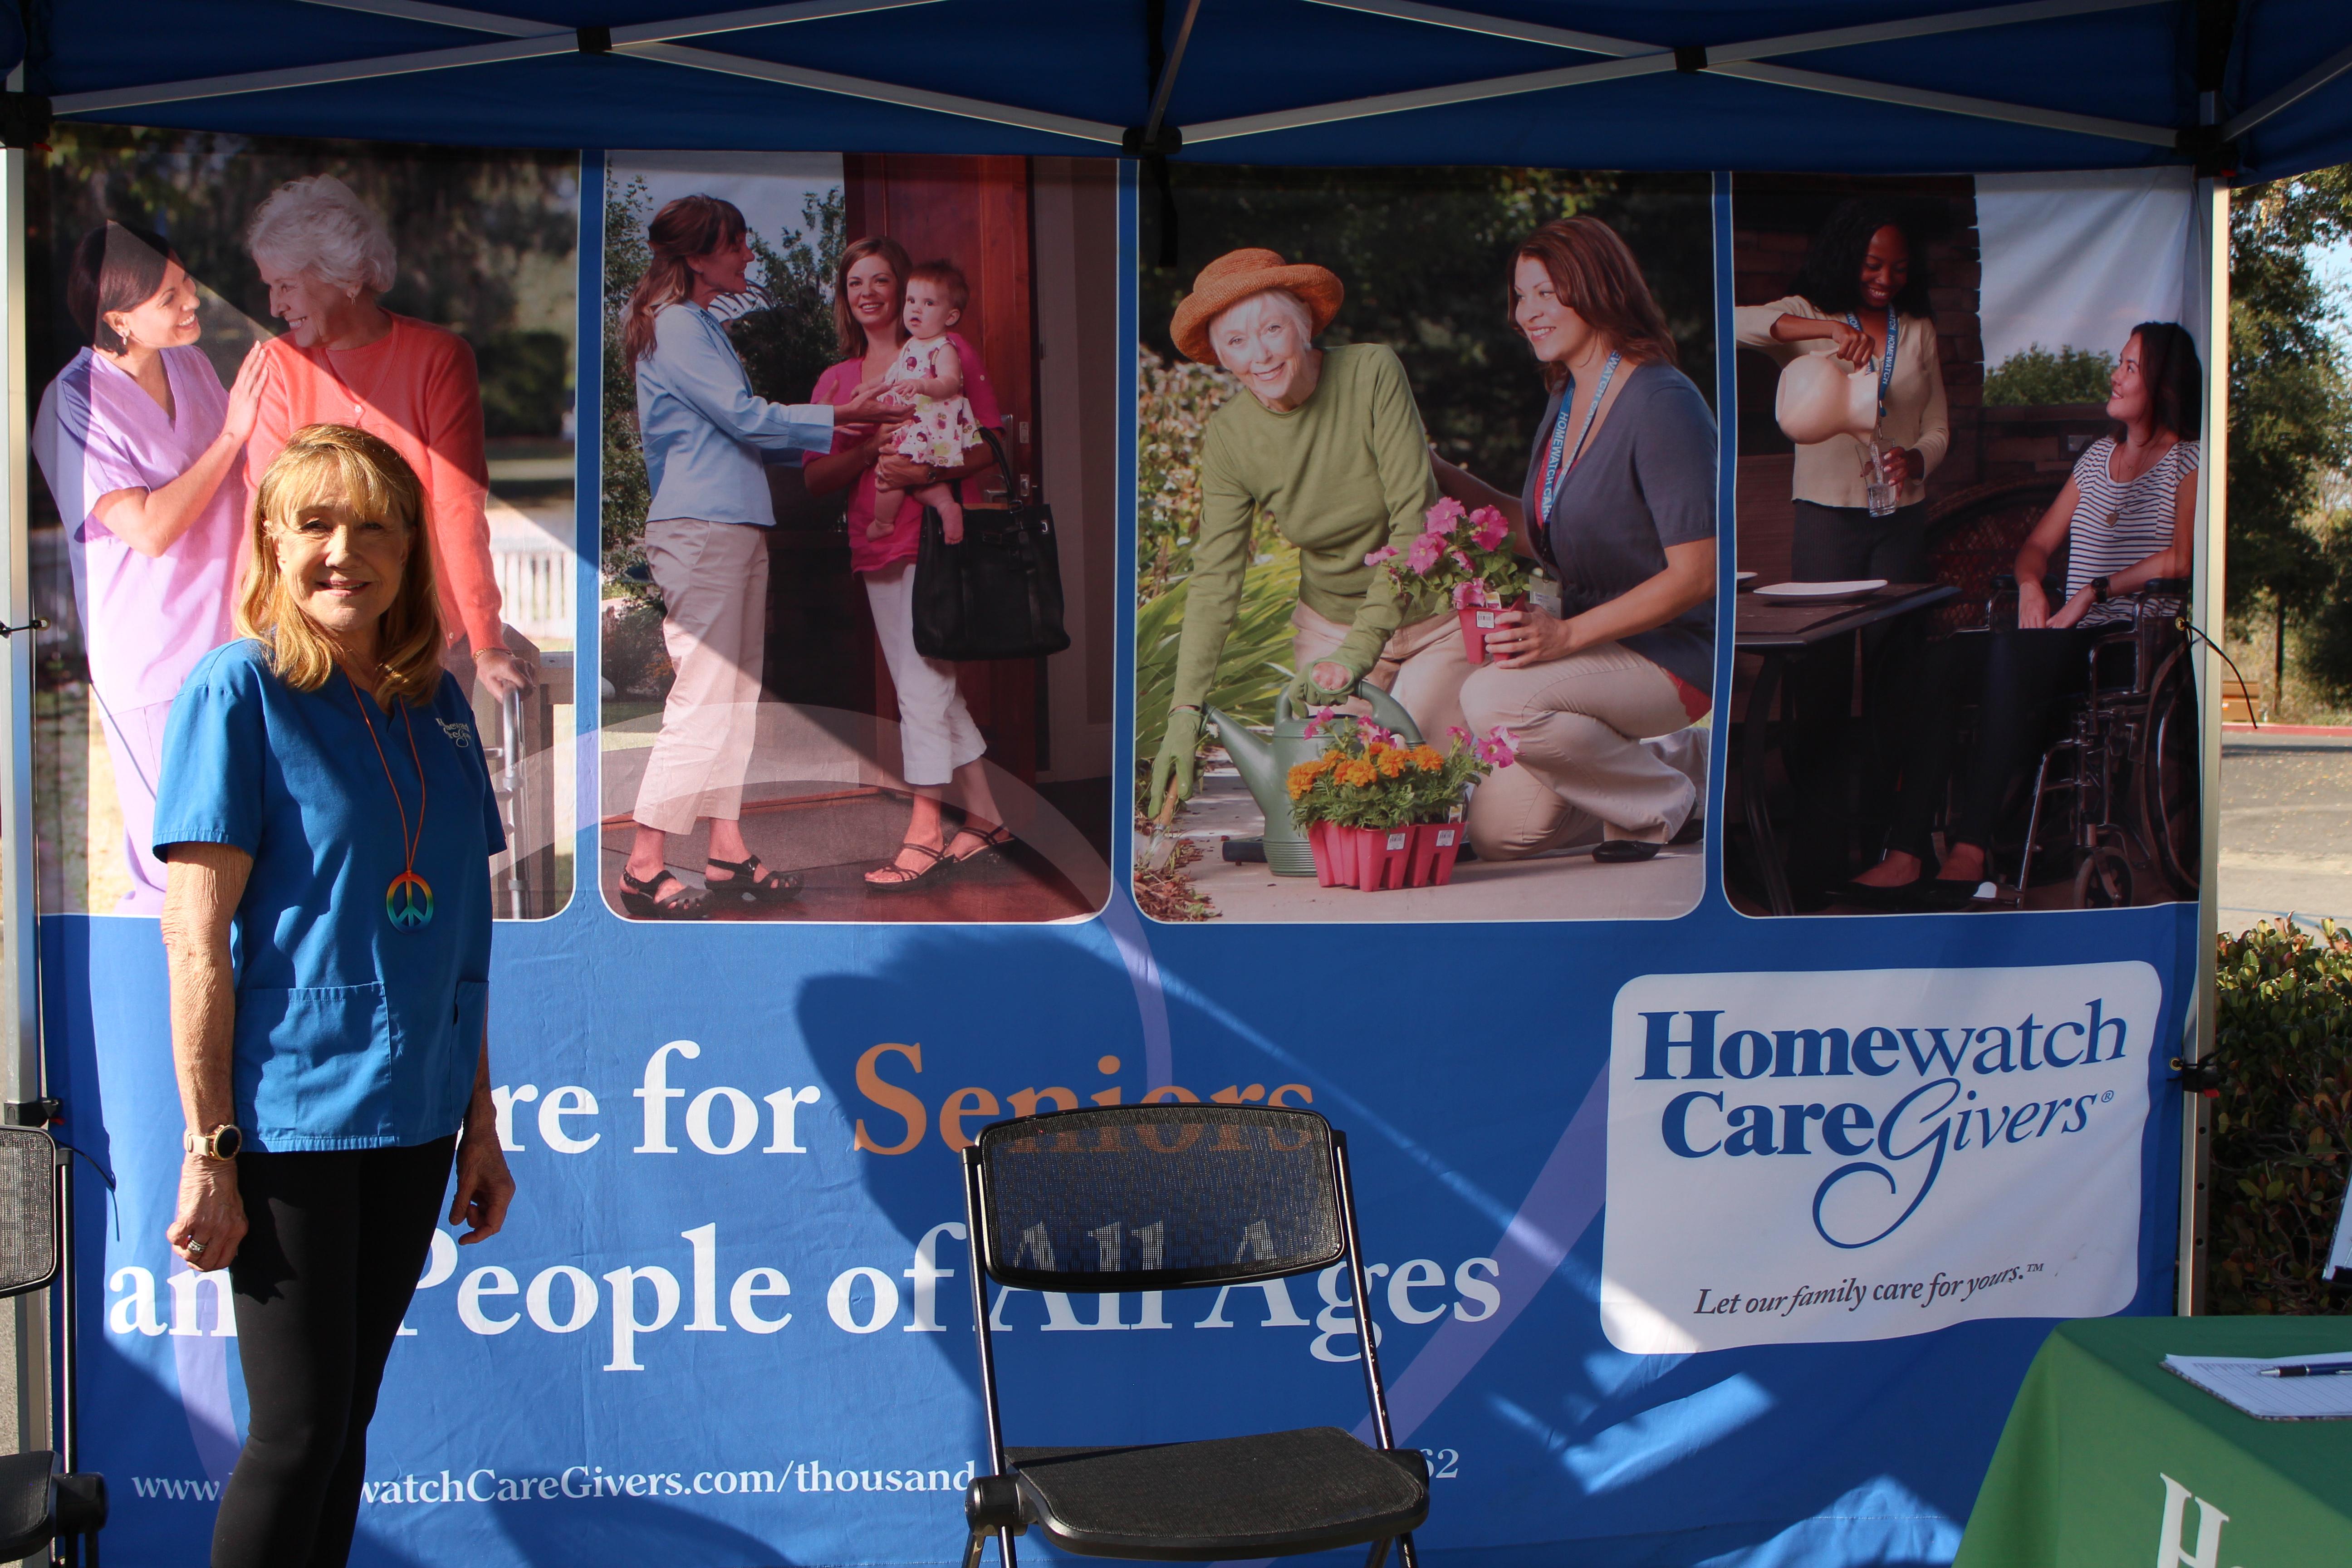 Homewatch caregivers outside photo